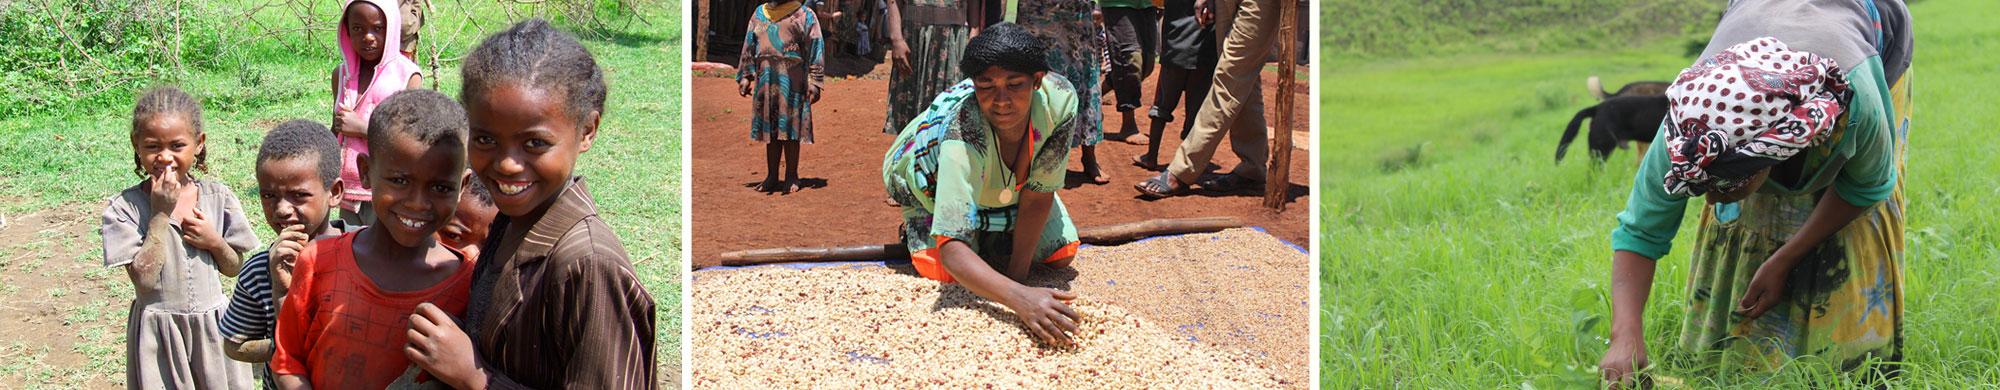 Les caisses rurales : une solution contre la faim en Éthiopie